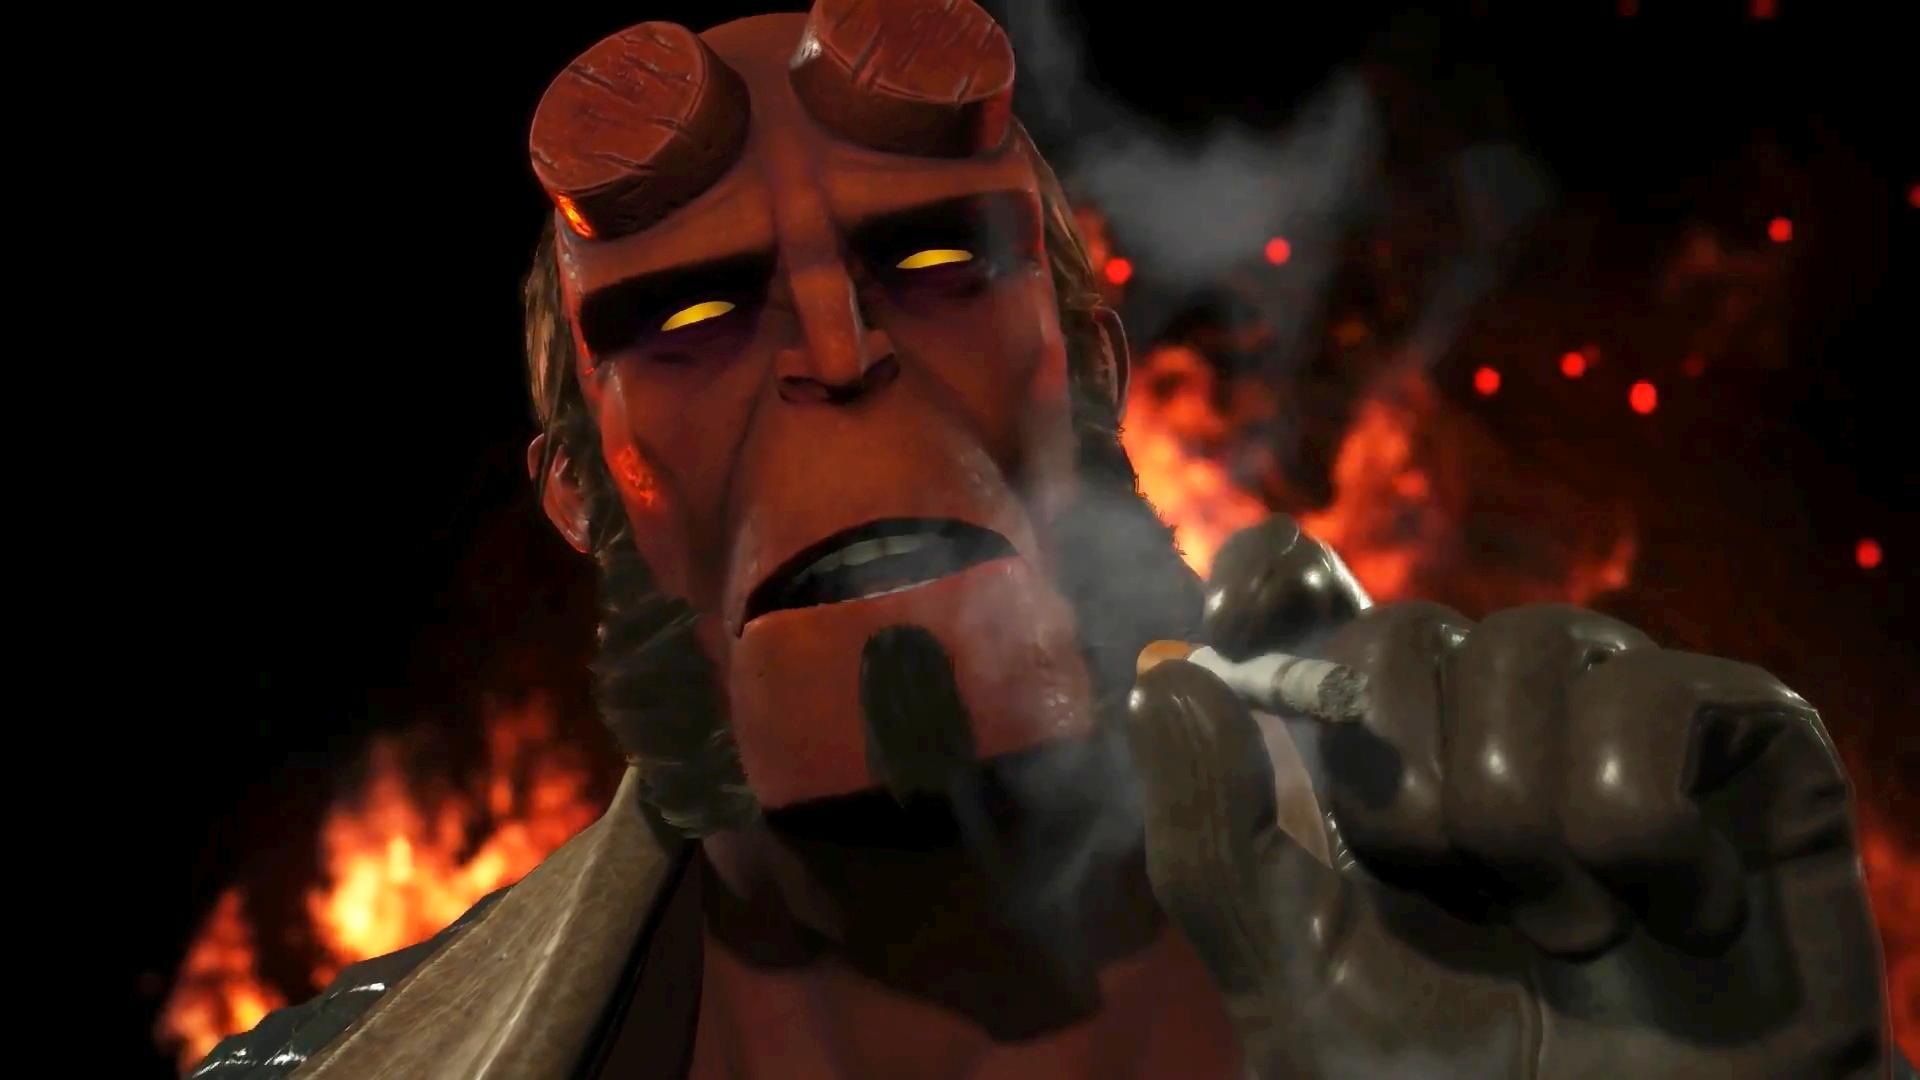 Новый персонаж Хеллбой в грядущей Injustice 2 на PC